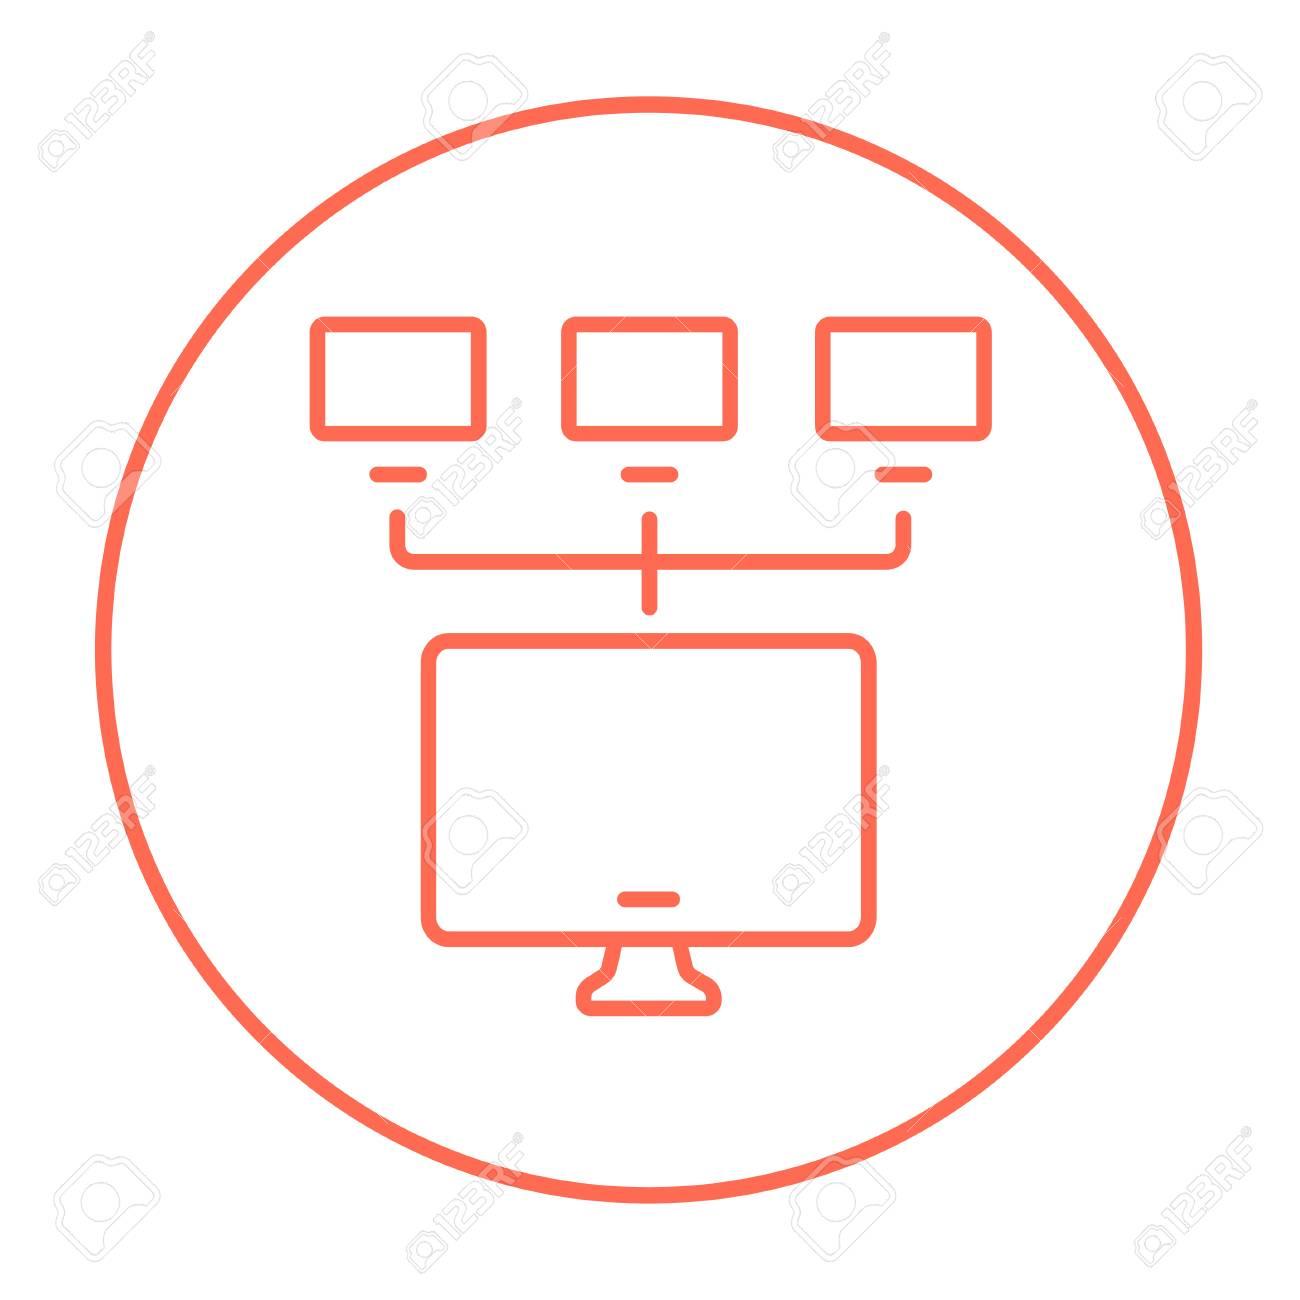 gruppe von monitoren in einer hierarchischen netzwerkleitung symbol